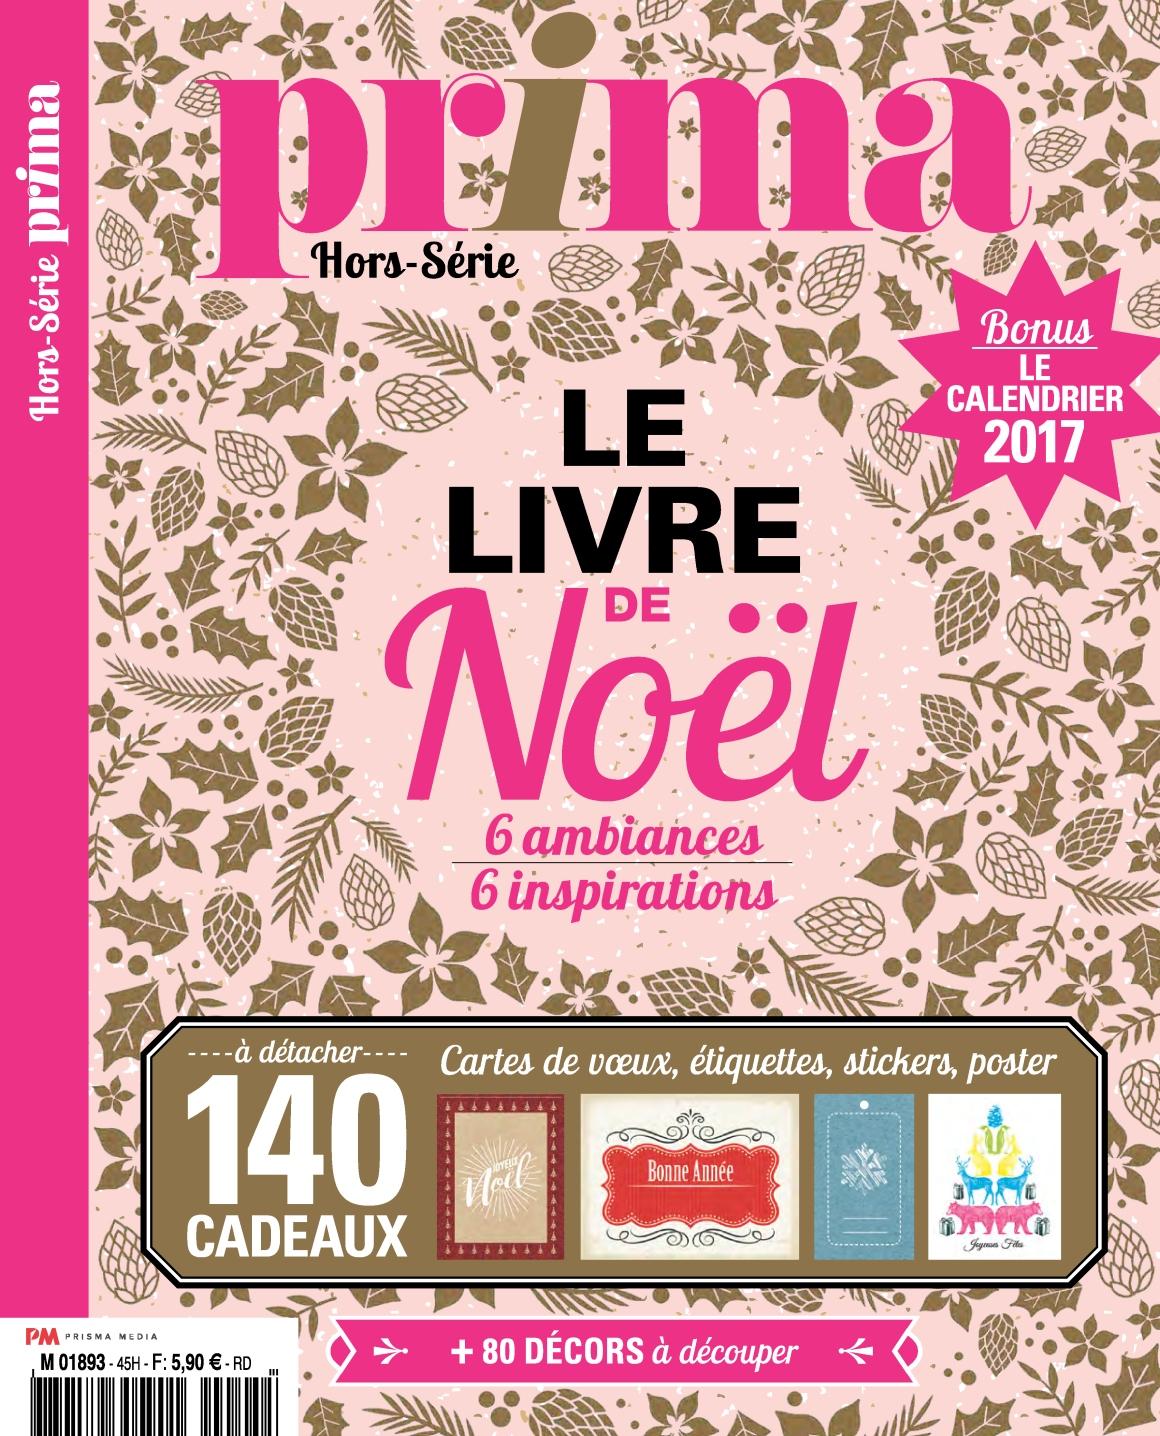 Prima Hors-Serie 41 - Décembre 2016